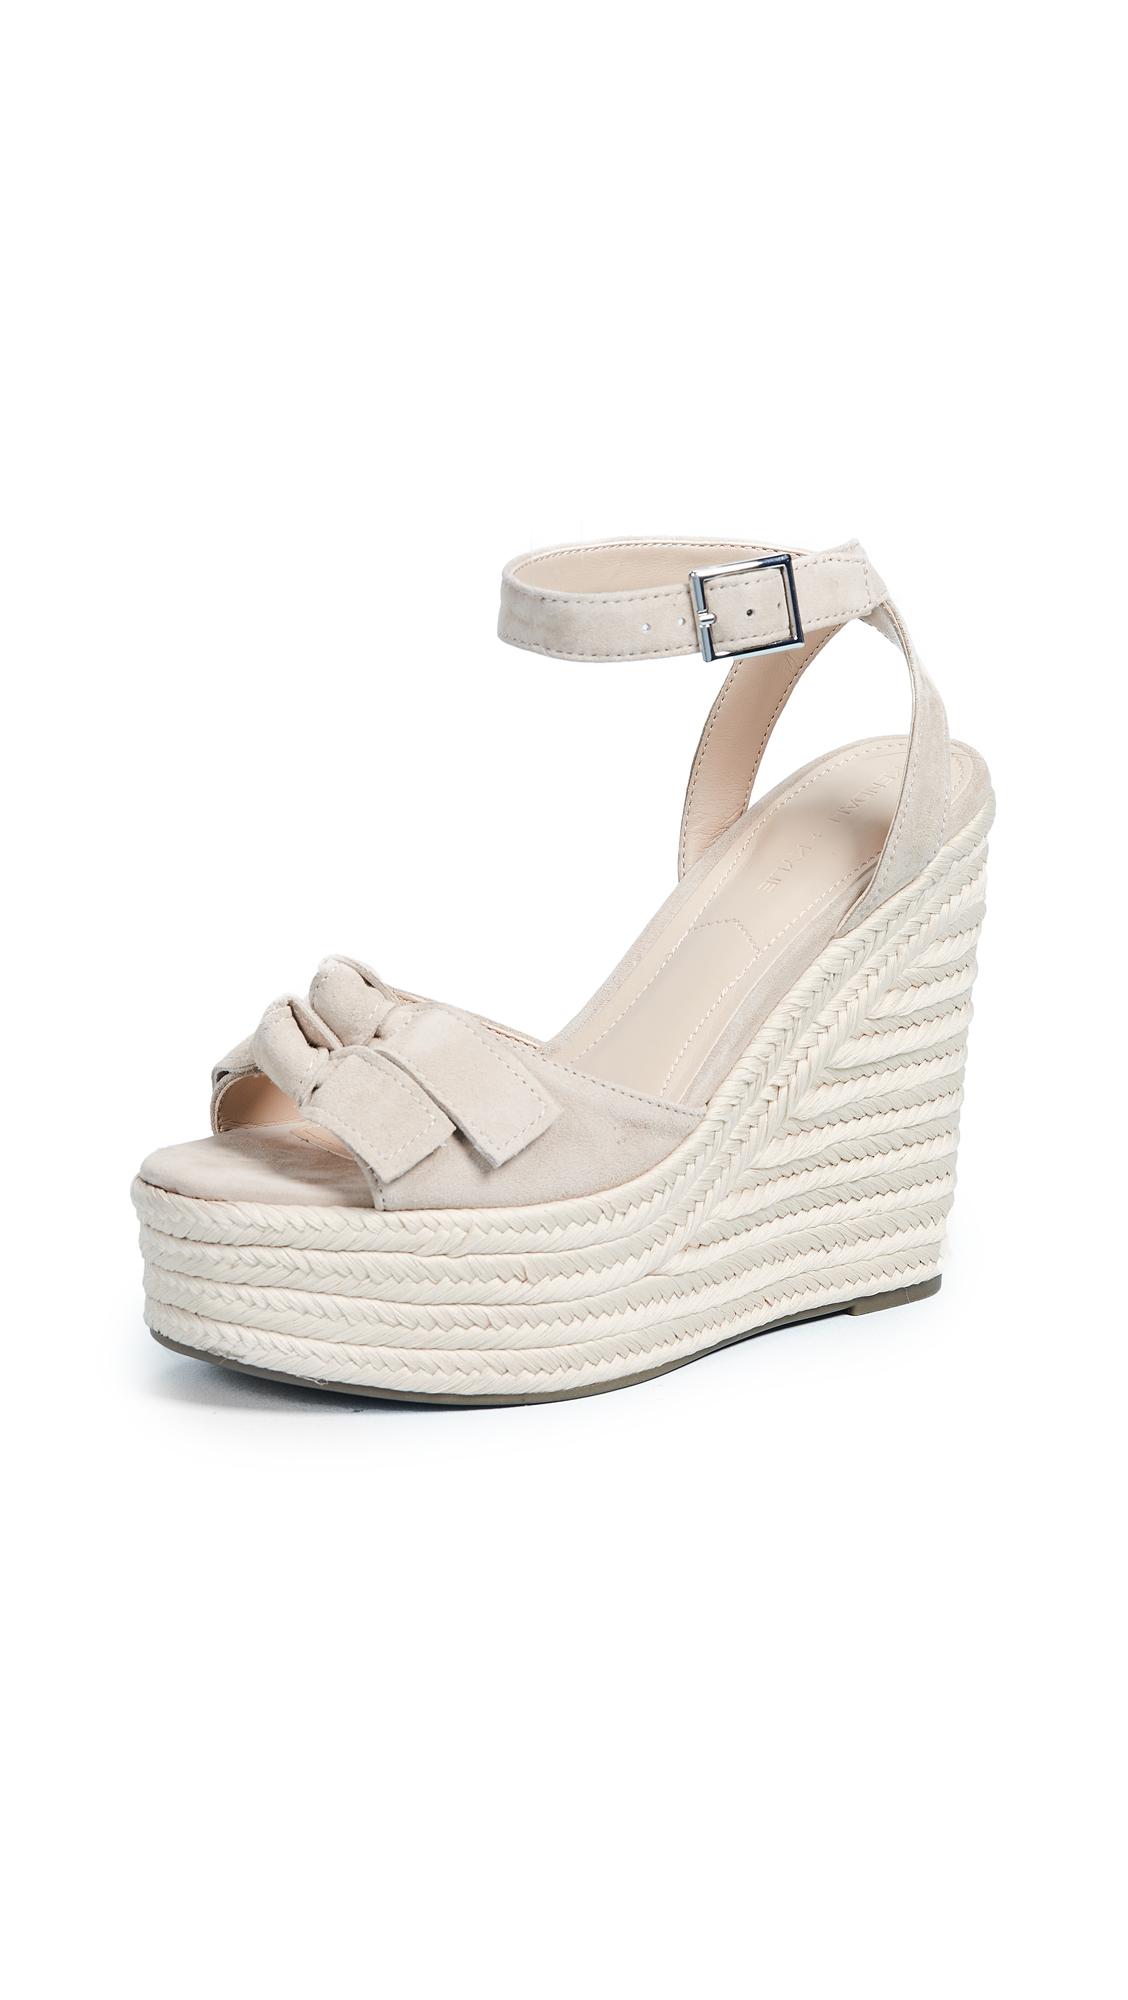 KENDALL + KYLIE Gwen Wedge Espadrille Sandals